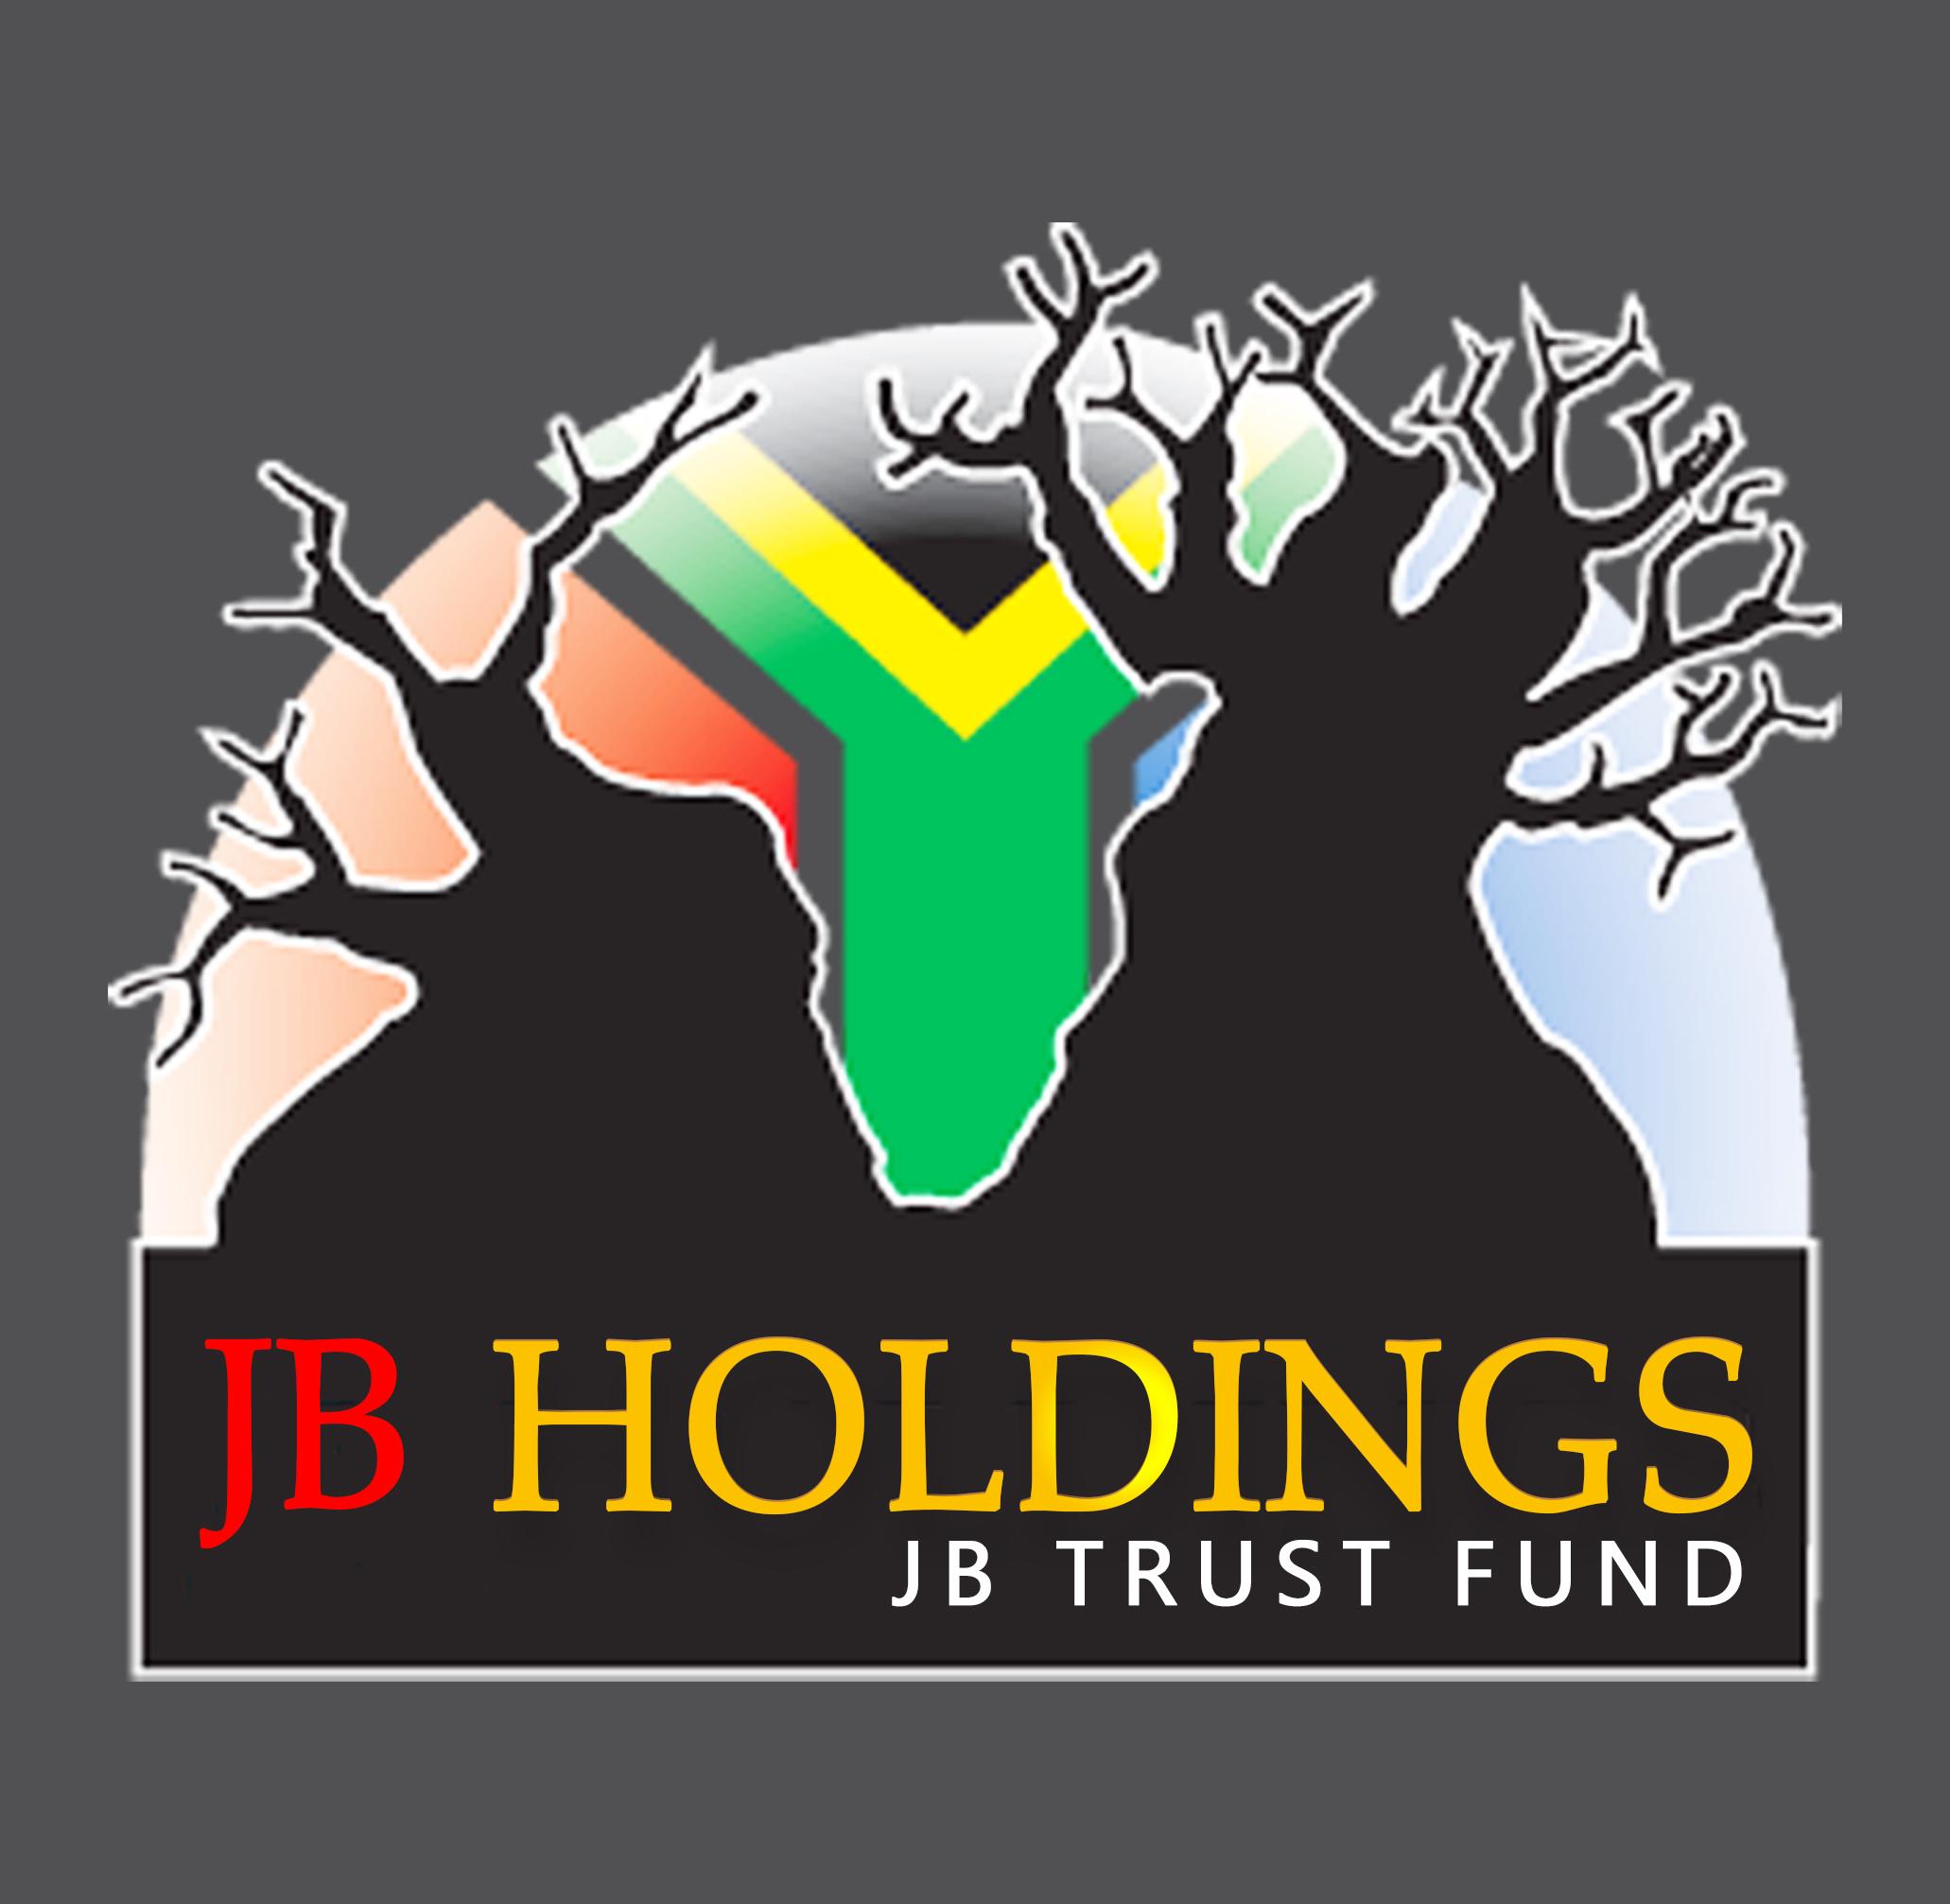 jb-trust-fund